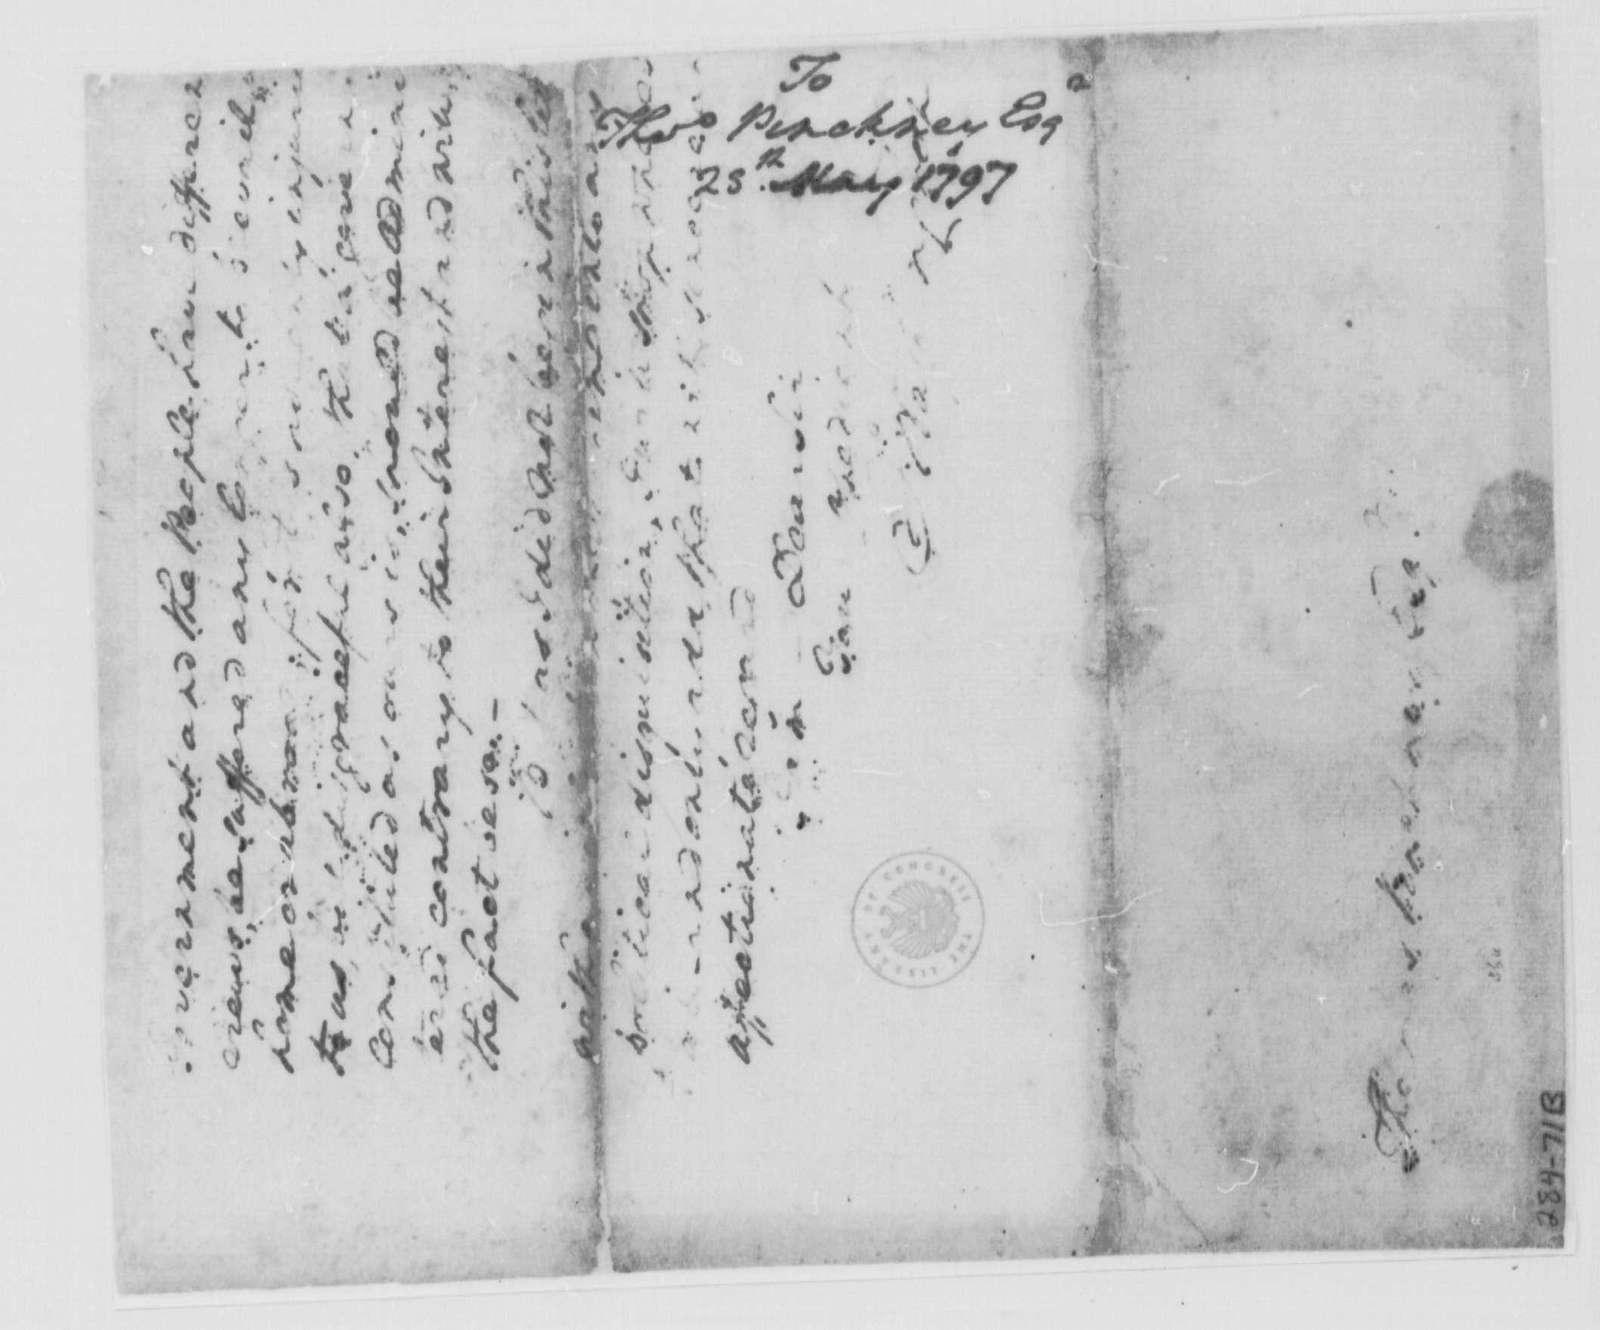 George Washington Papers, Series 4, General Correspondence: George Washington to Thomas Pinckney, May 28, 1797